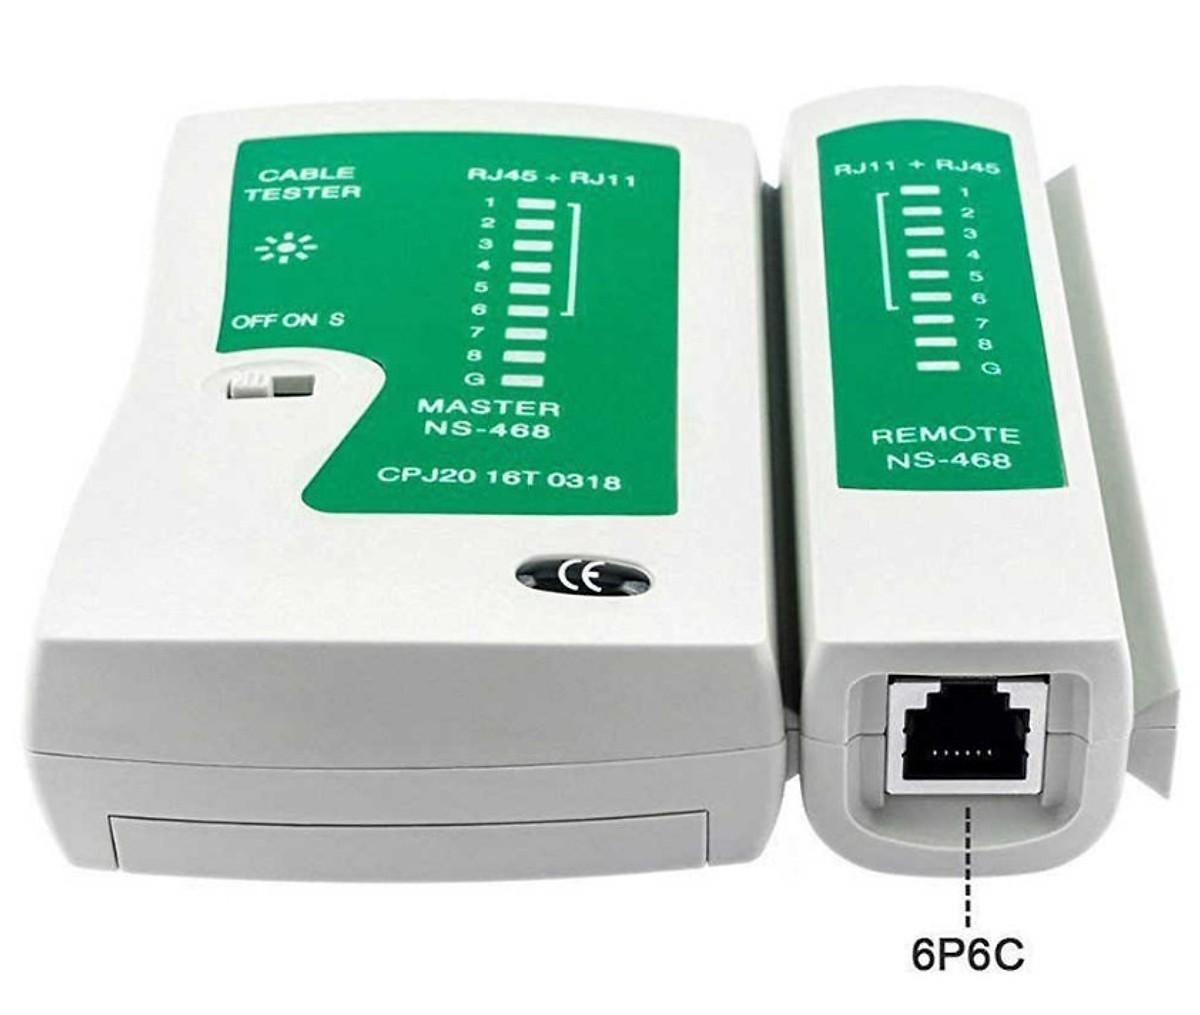 Combo Kìm Bấm Hạt Mạng(RJ45+RJ11) + 100 Hạt mạng RJ45 + 100 đầu chụp hạt mạng + Hộp Test mạng